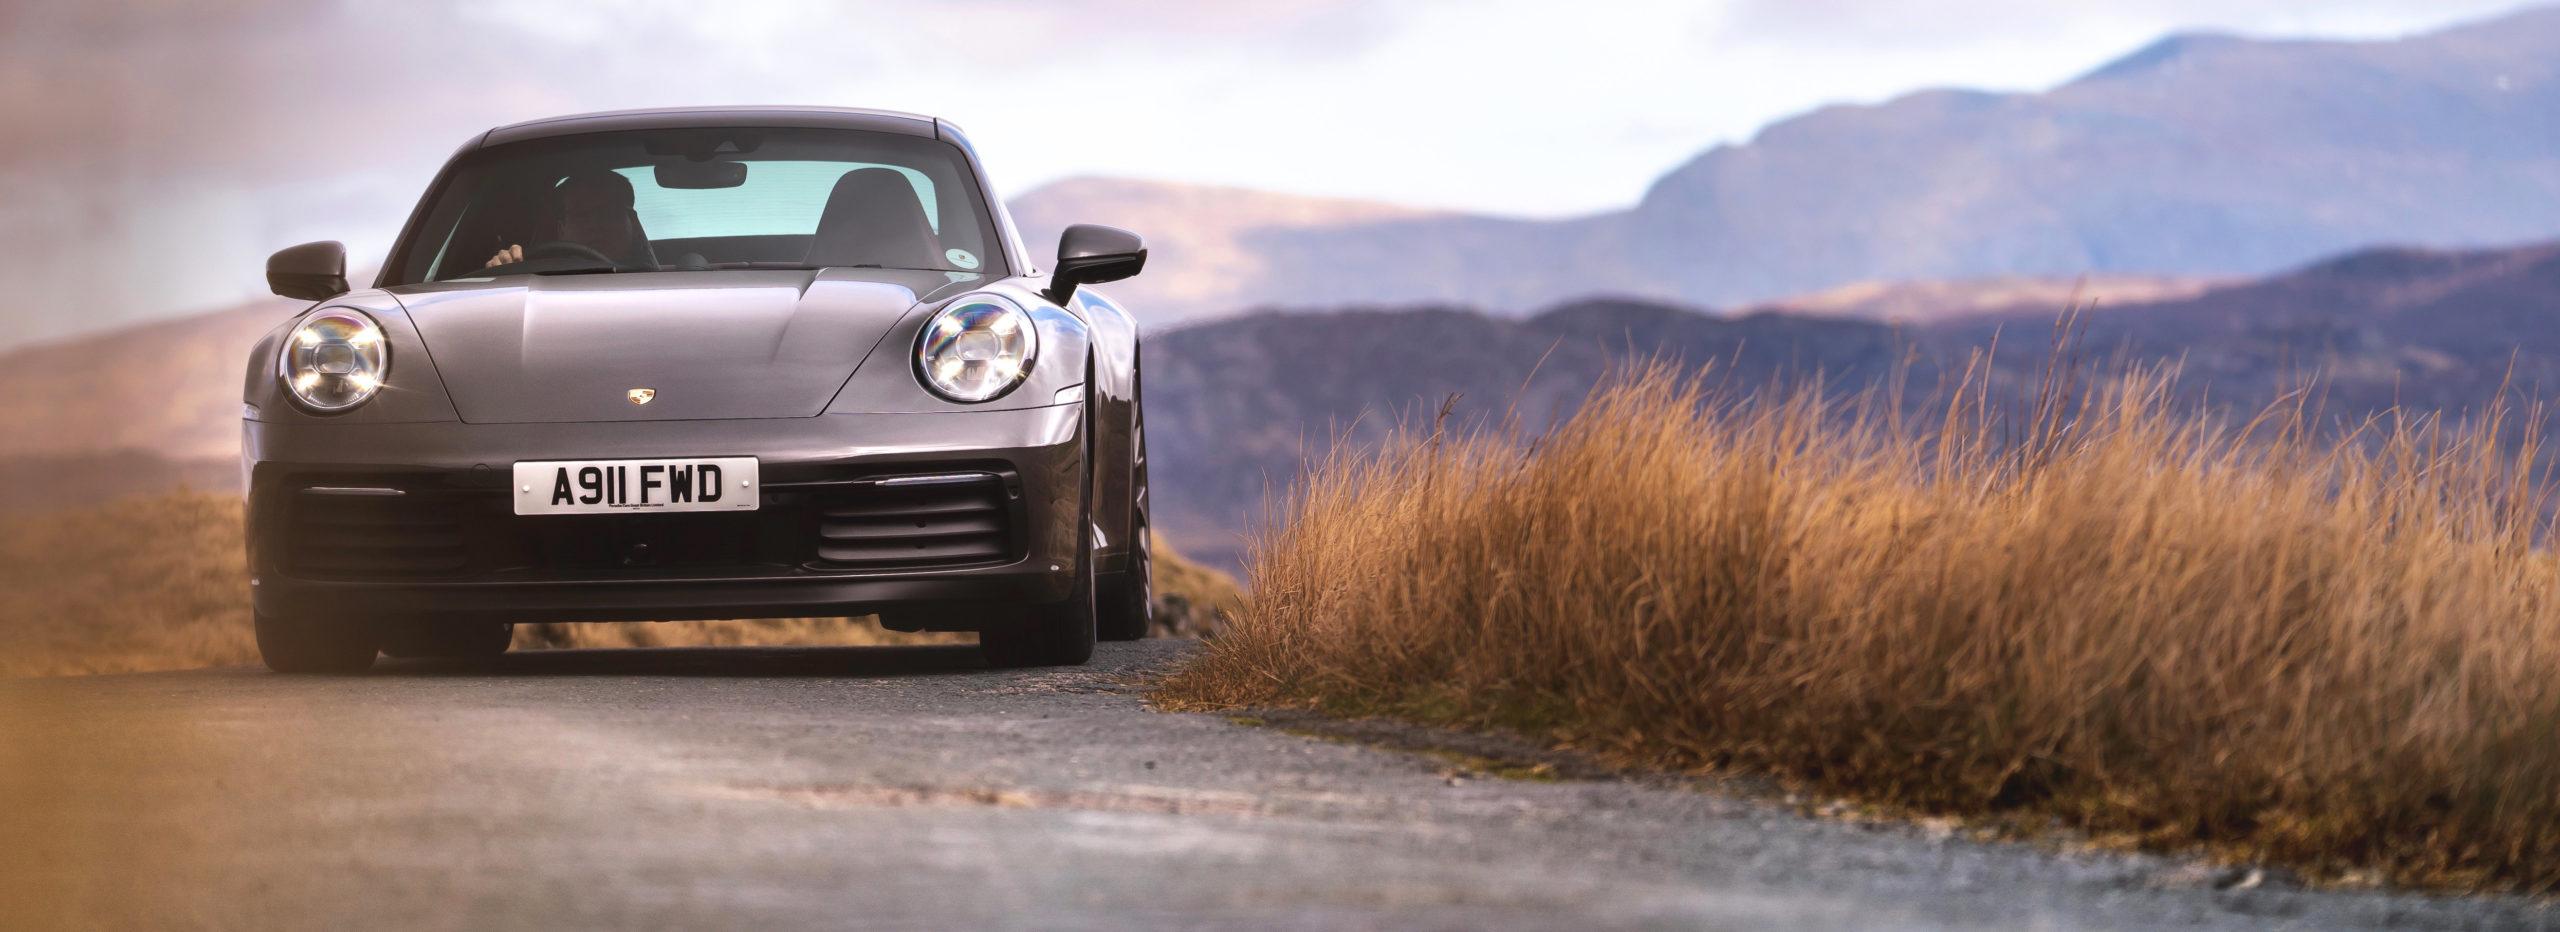 Porsche 911, 5 modos de conducción